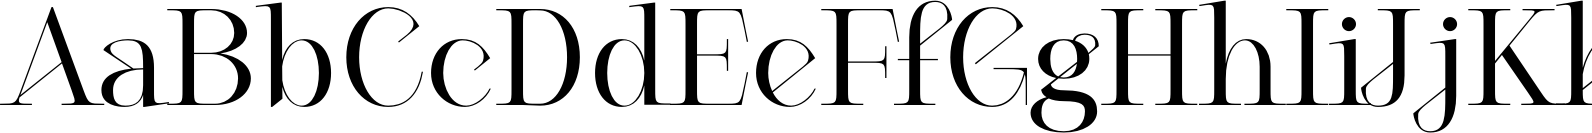 Cesso